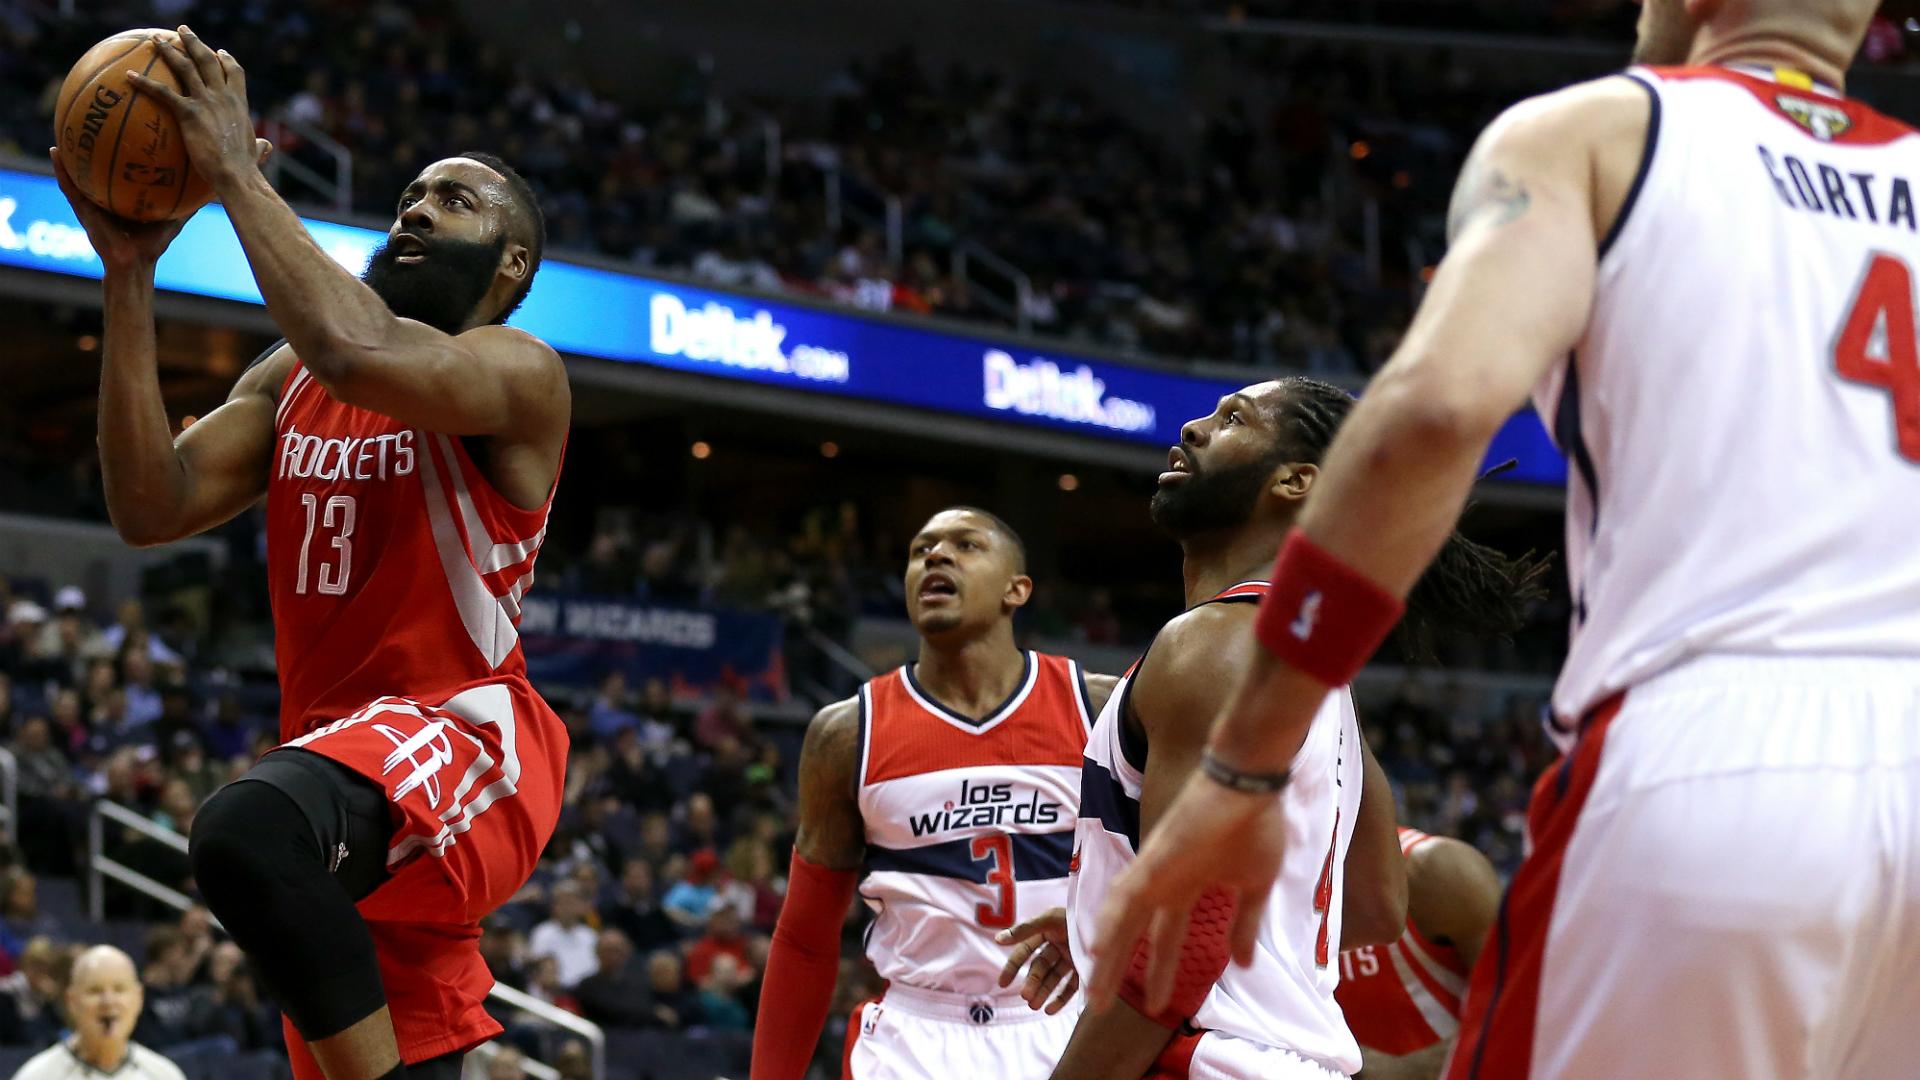 Rockets soar to second as Grizzlies continue slump